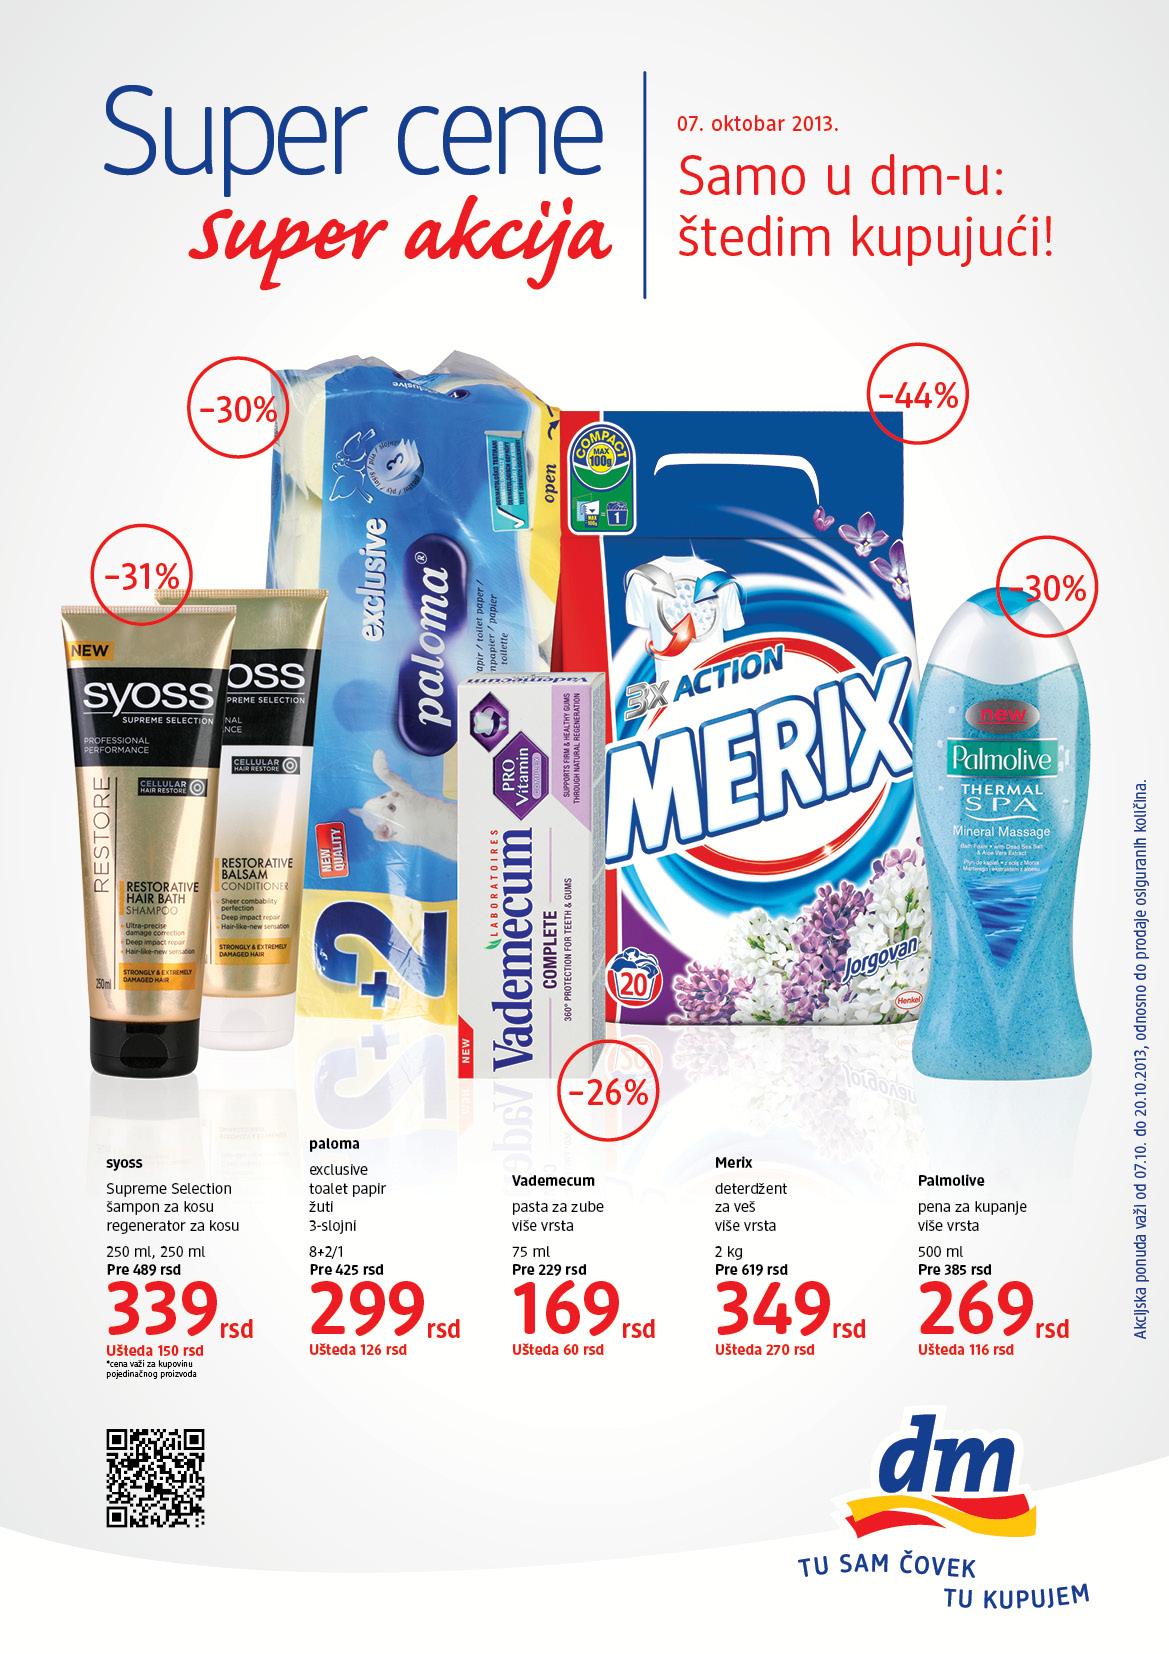 DM katalog super cena za vas